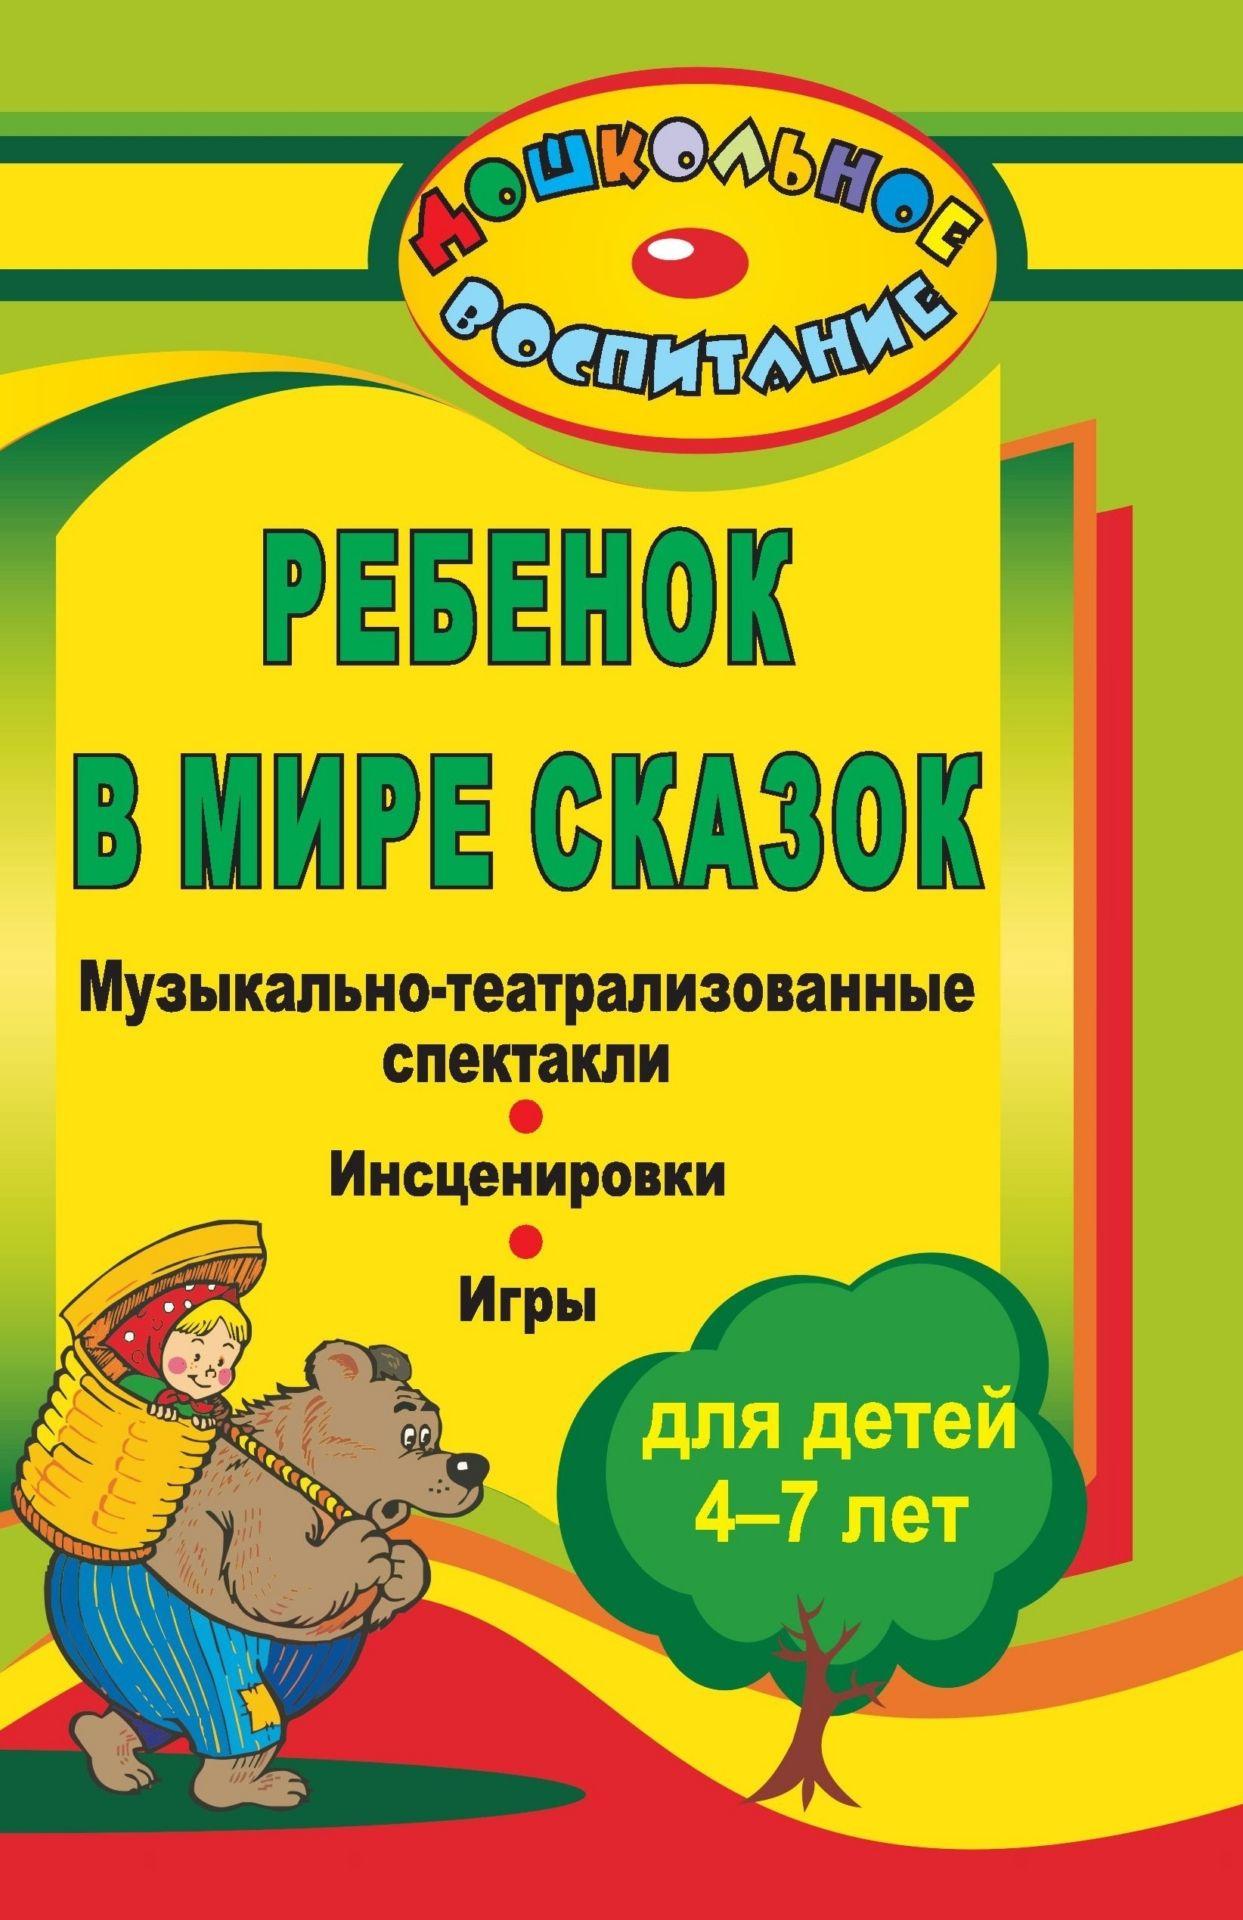 Купить со скидкой Ребенок в мире сказок: музыкально-театрализованные спектакли, инсценировки, игры для детей 4-7 лет